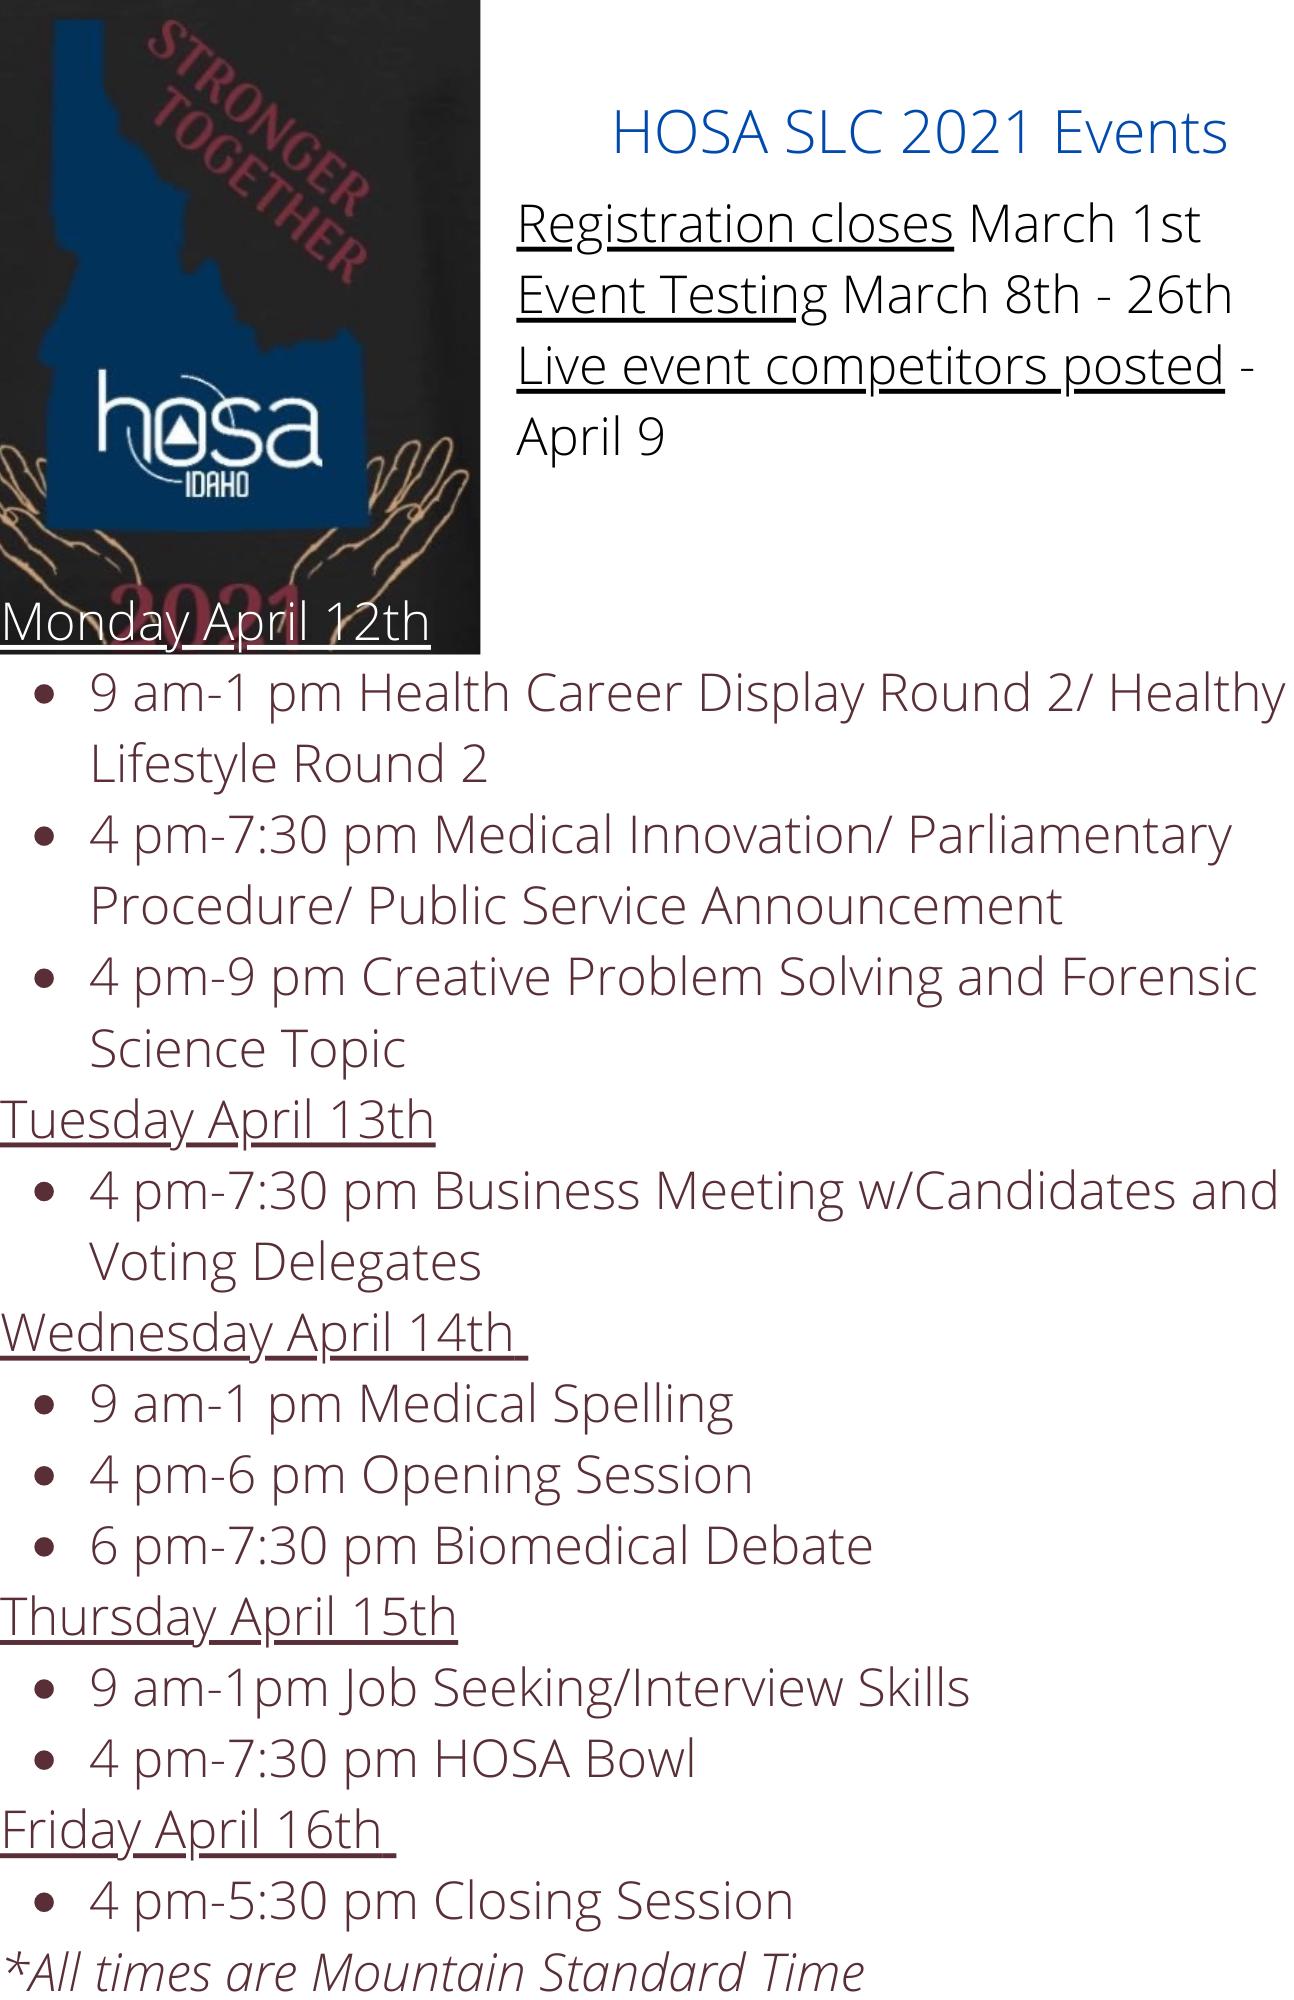 HOSA SLC Event 2021